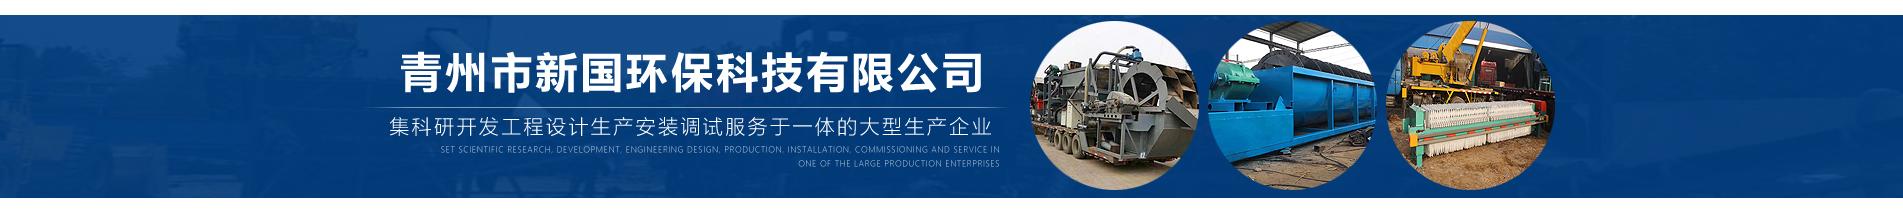 青州市新国环保科技有限公司